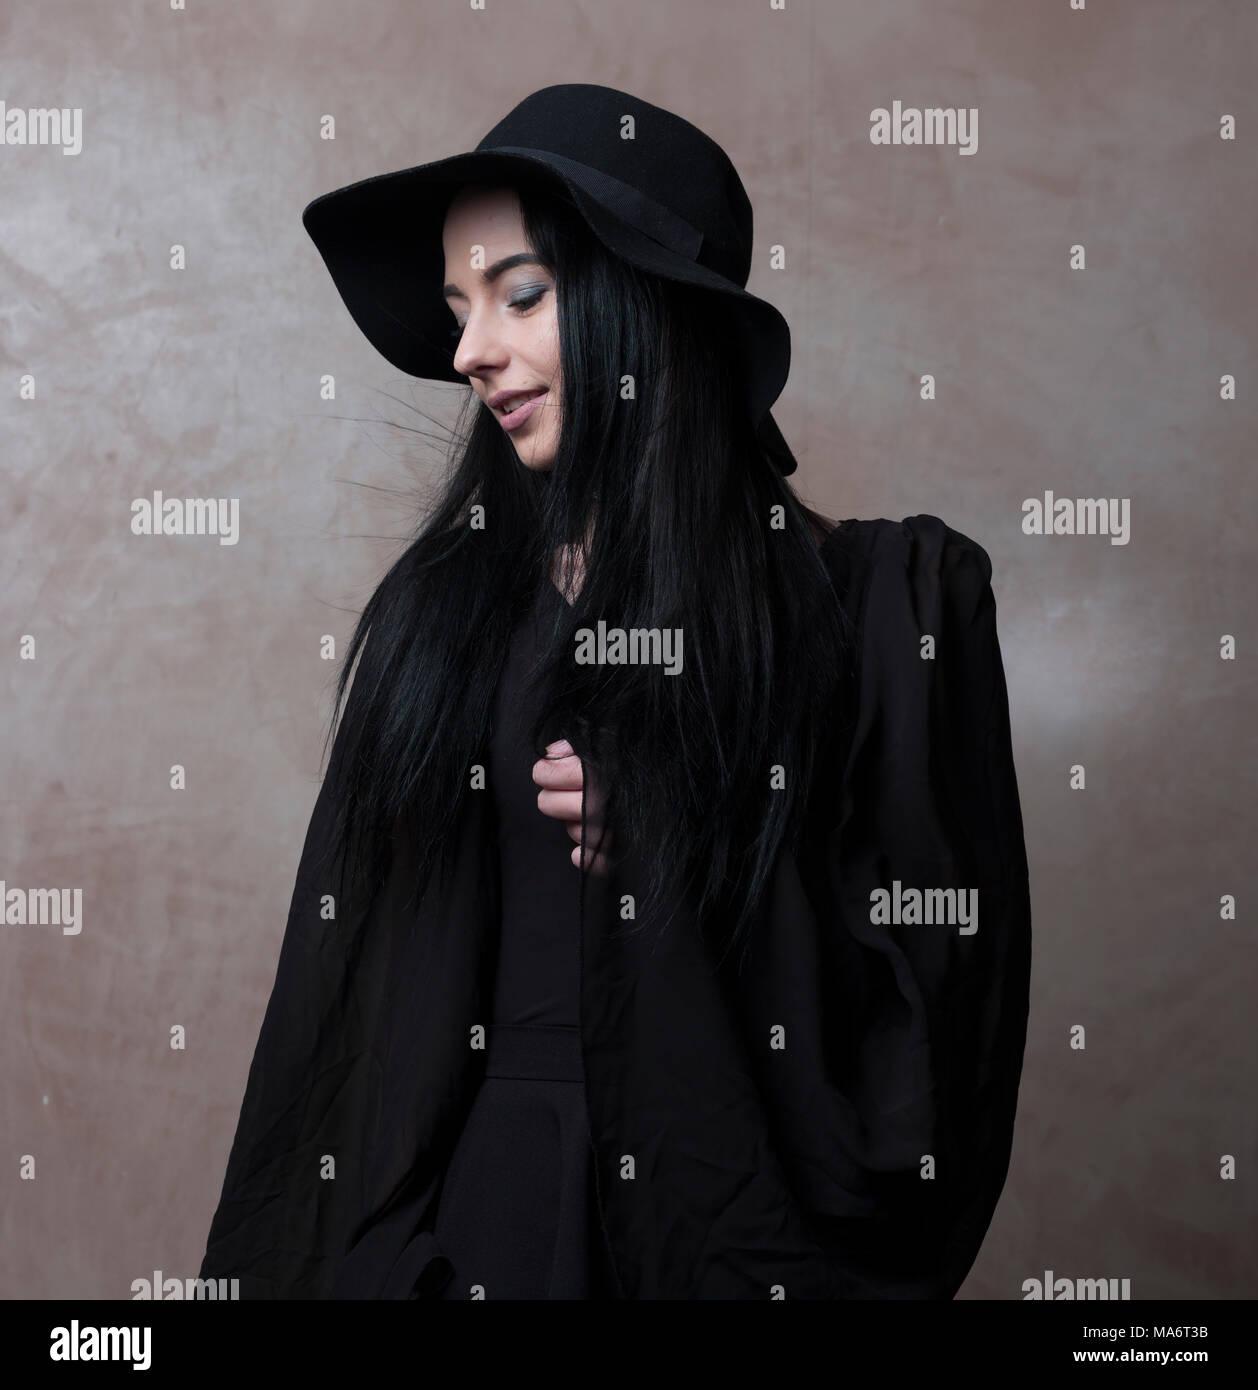 7ec2098d2e2d9 Jolie jeune fille en chapeau noir et élégant haut noir a l'air mélancolique  - tête et épaules - hobo fashion